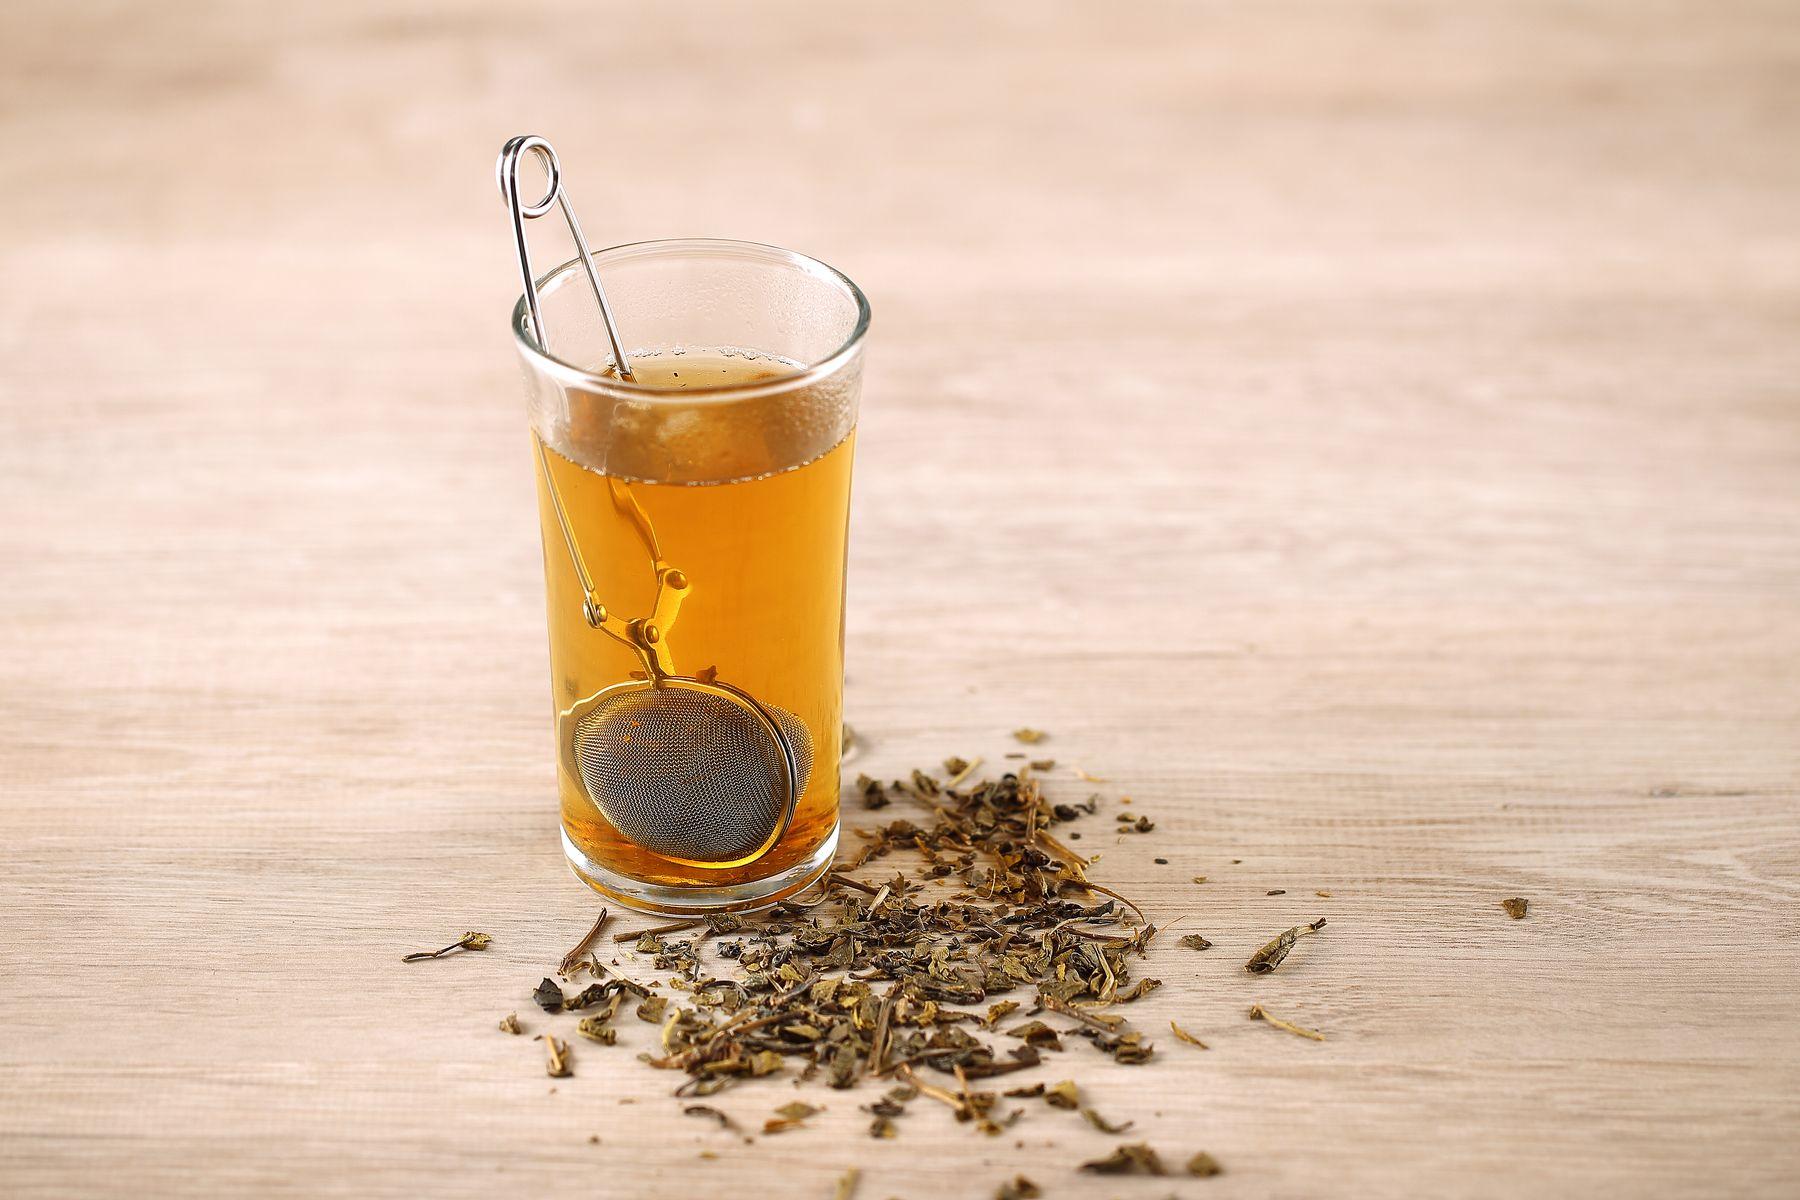 tea in a transparent glass